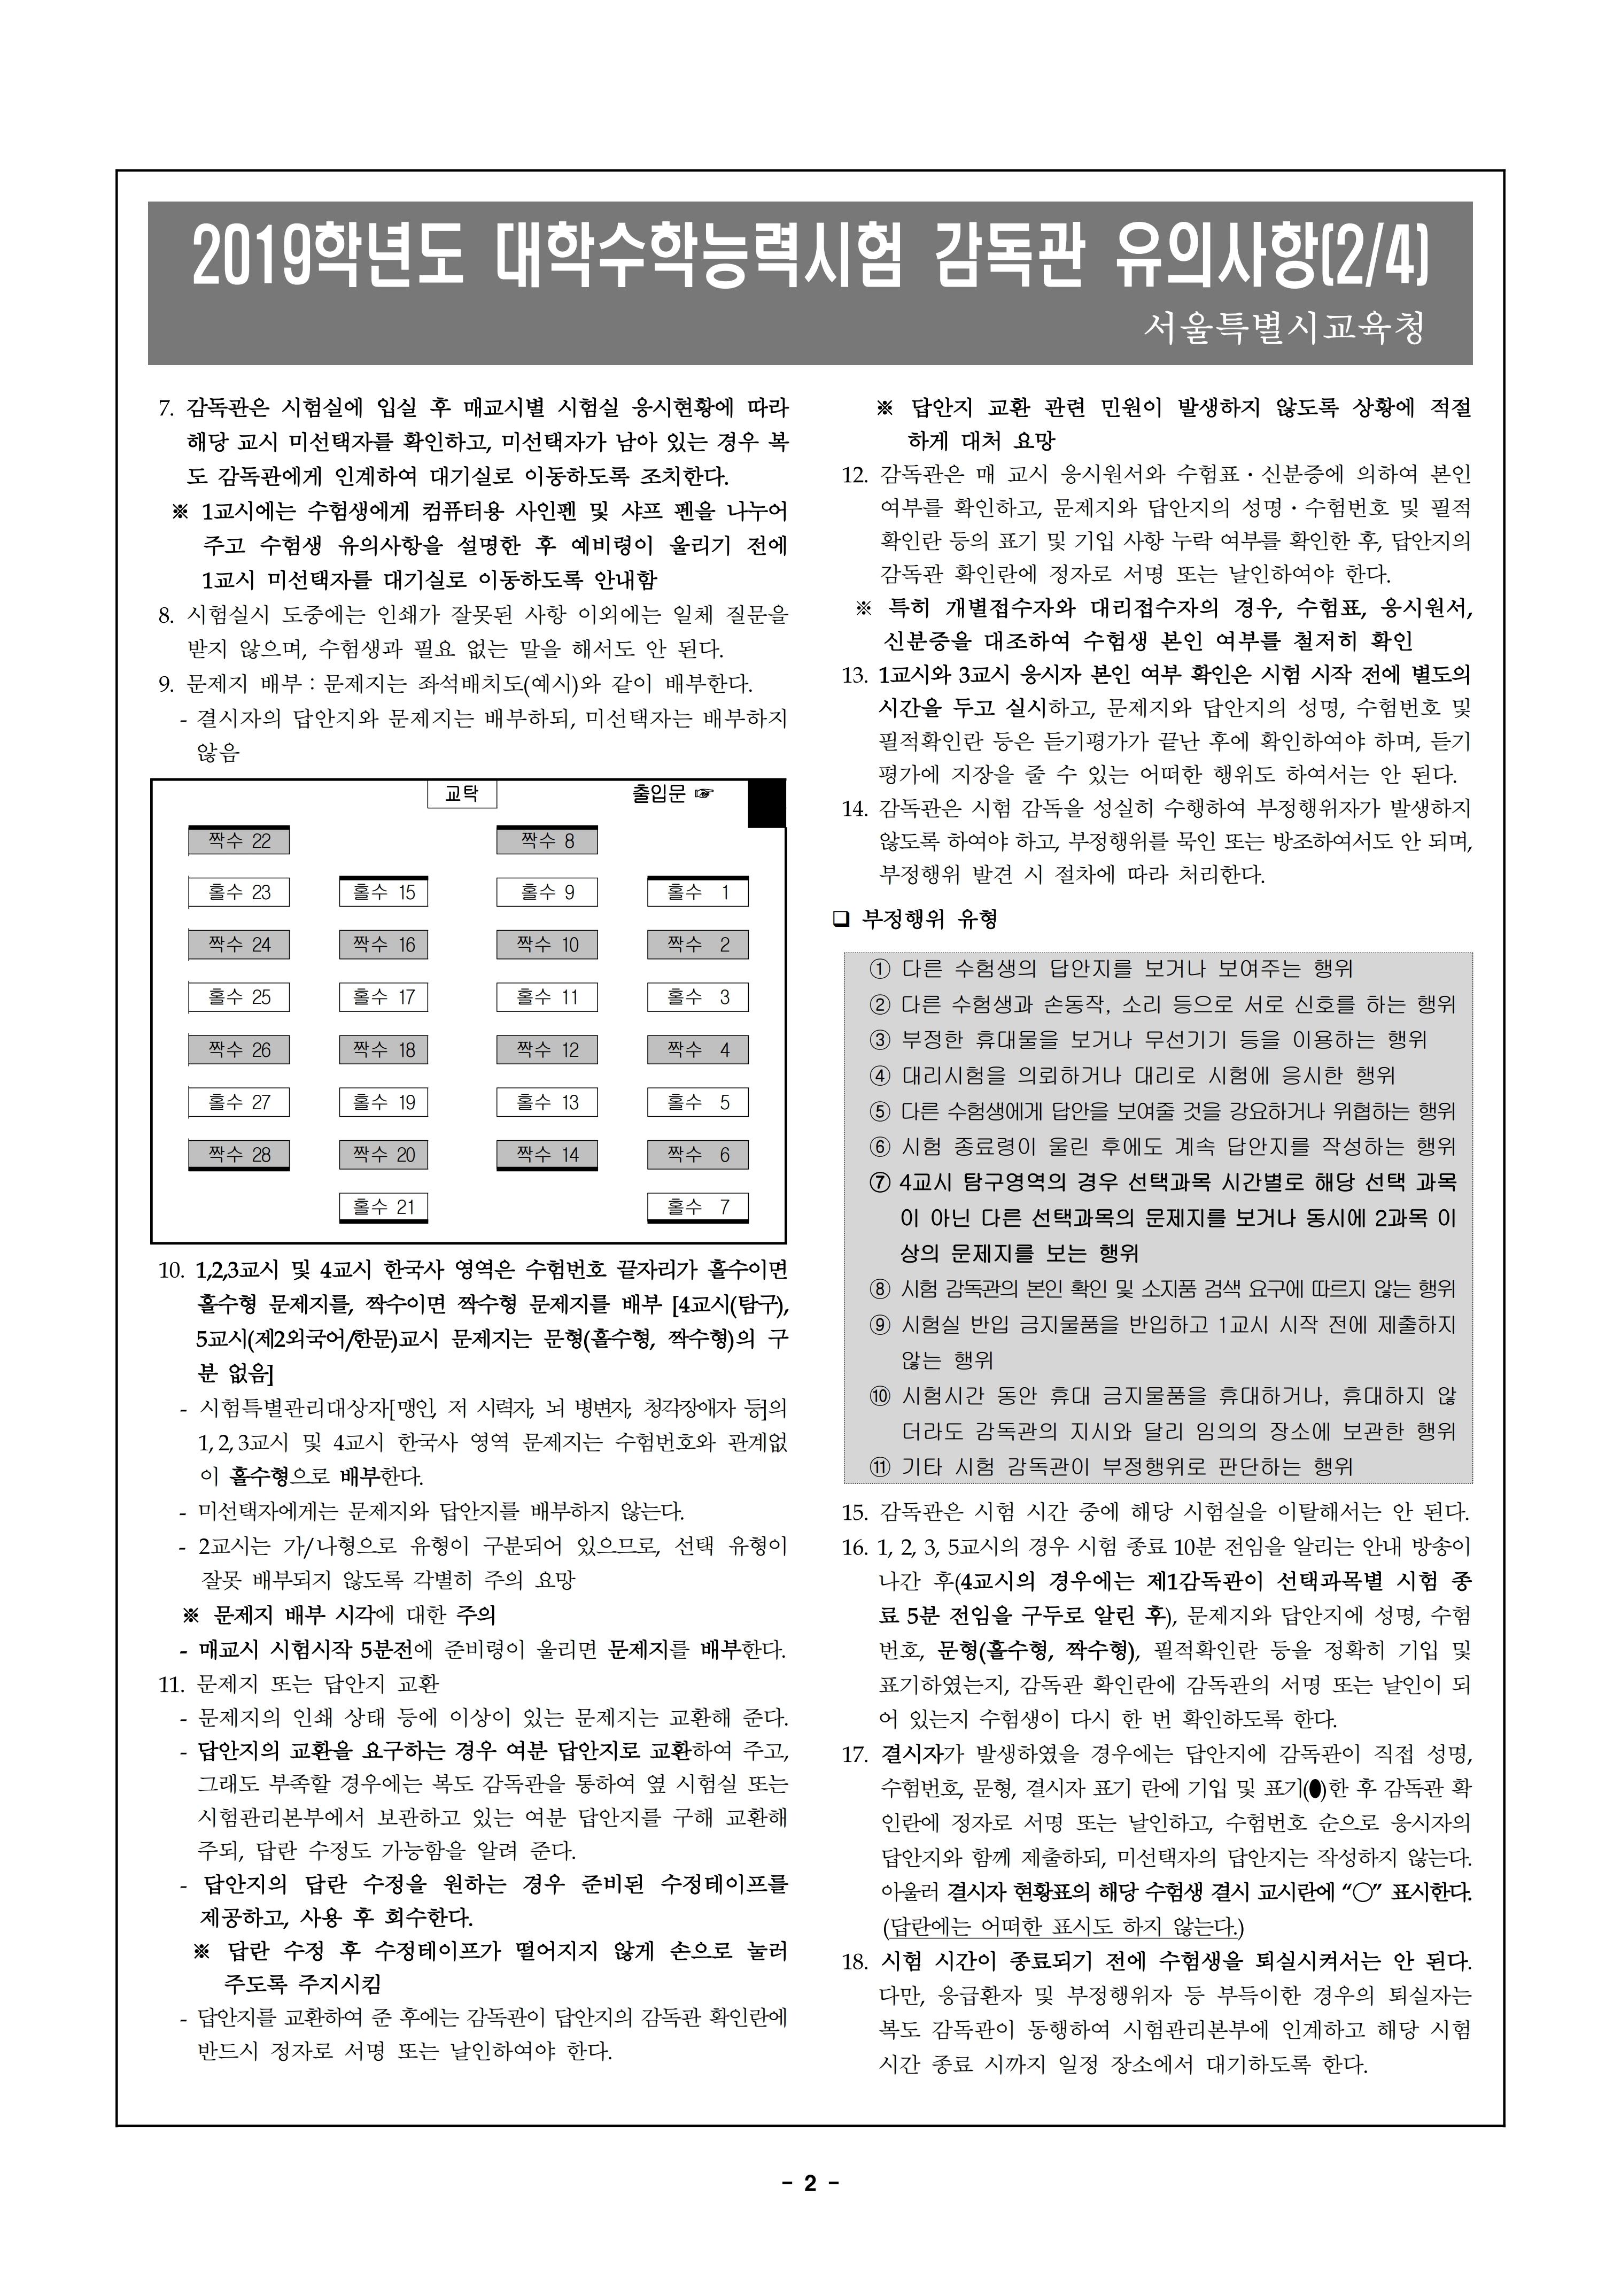 2019학년도 수능 감독관 유의사항(B4)